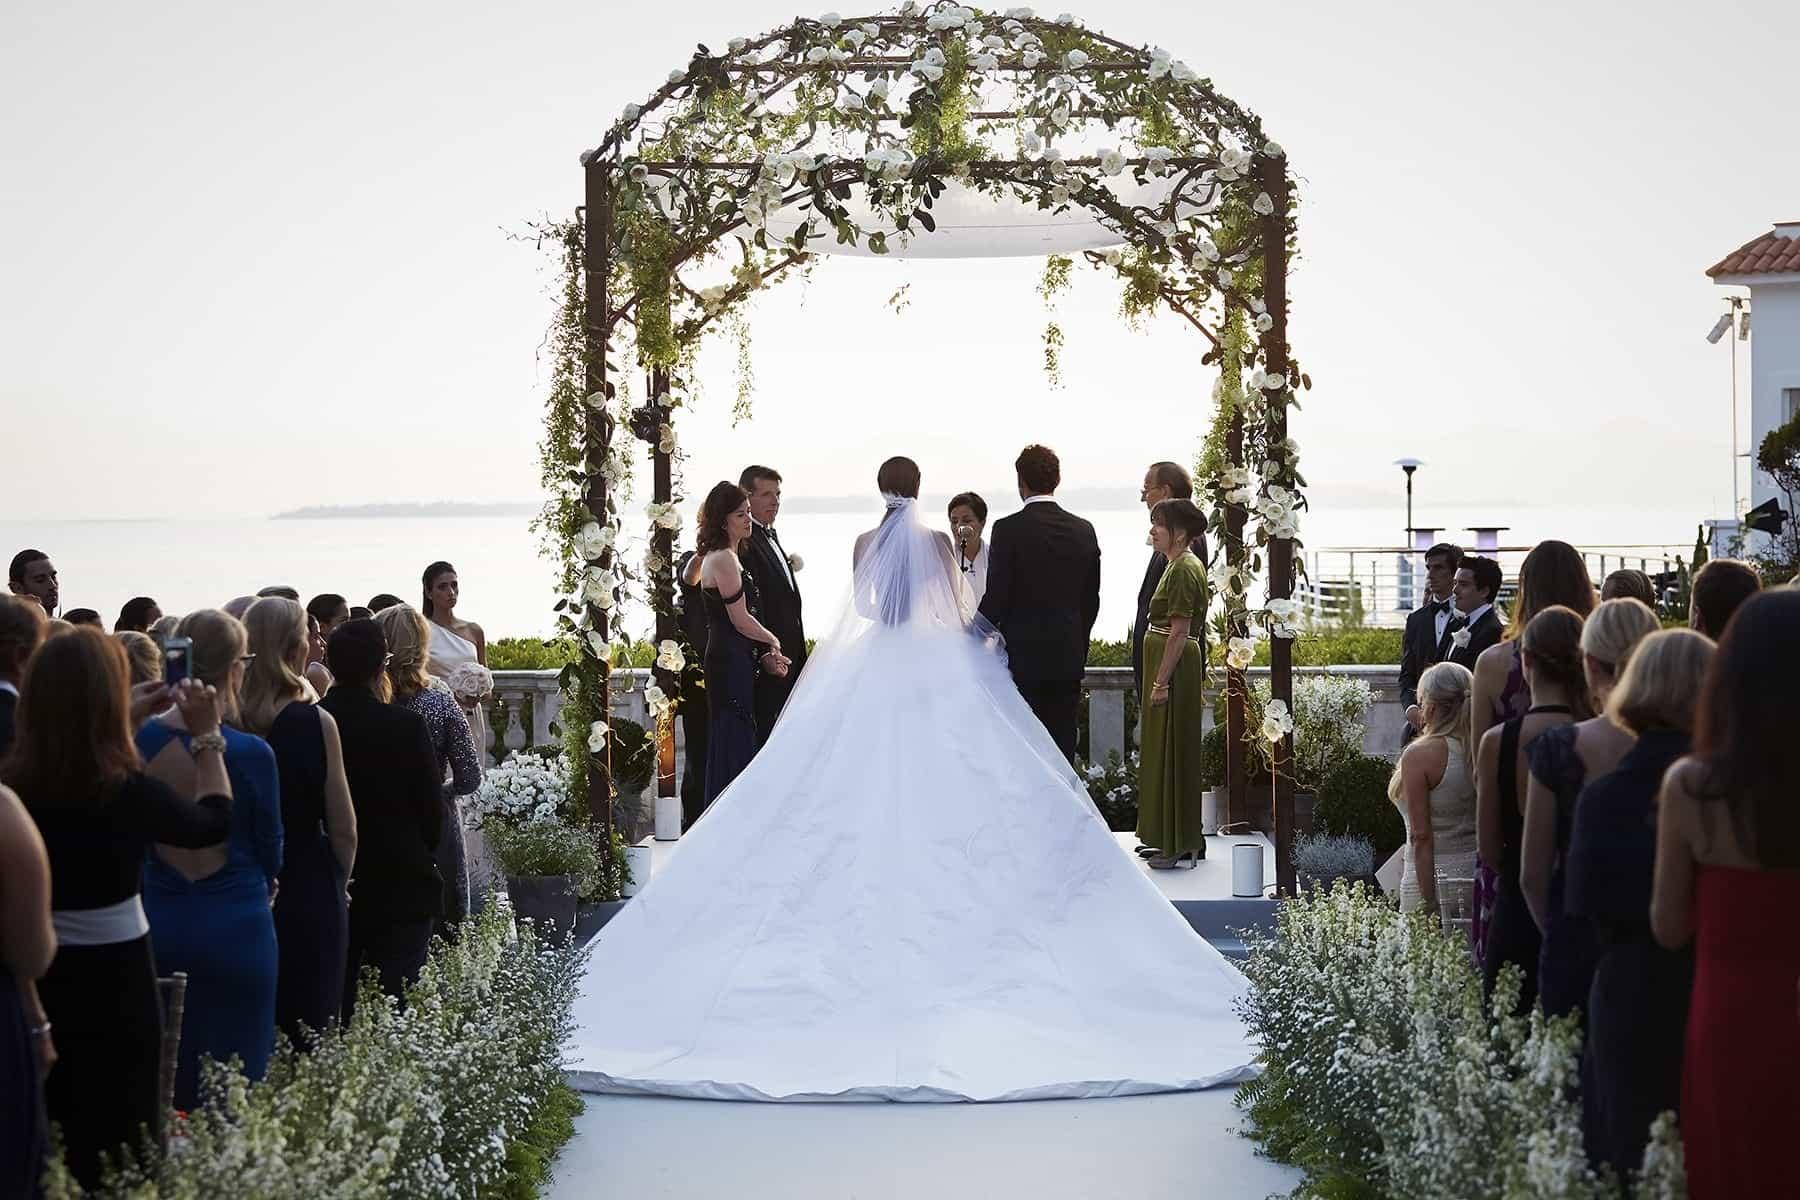 58-the-best-destination-weddings-in-vogue